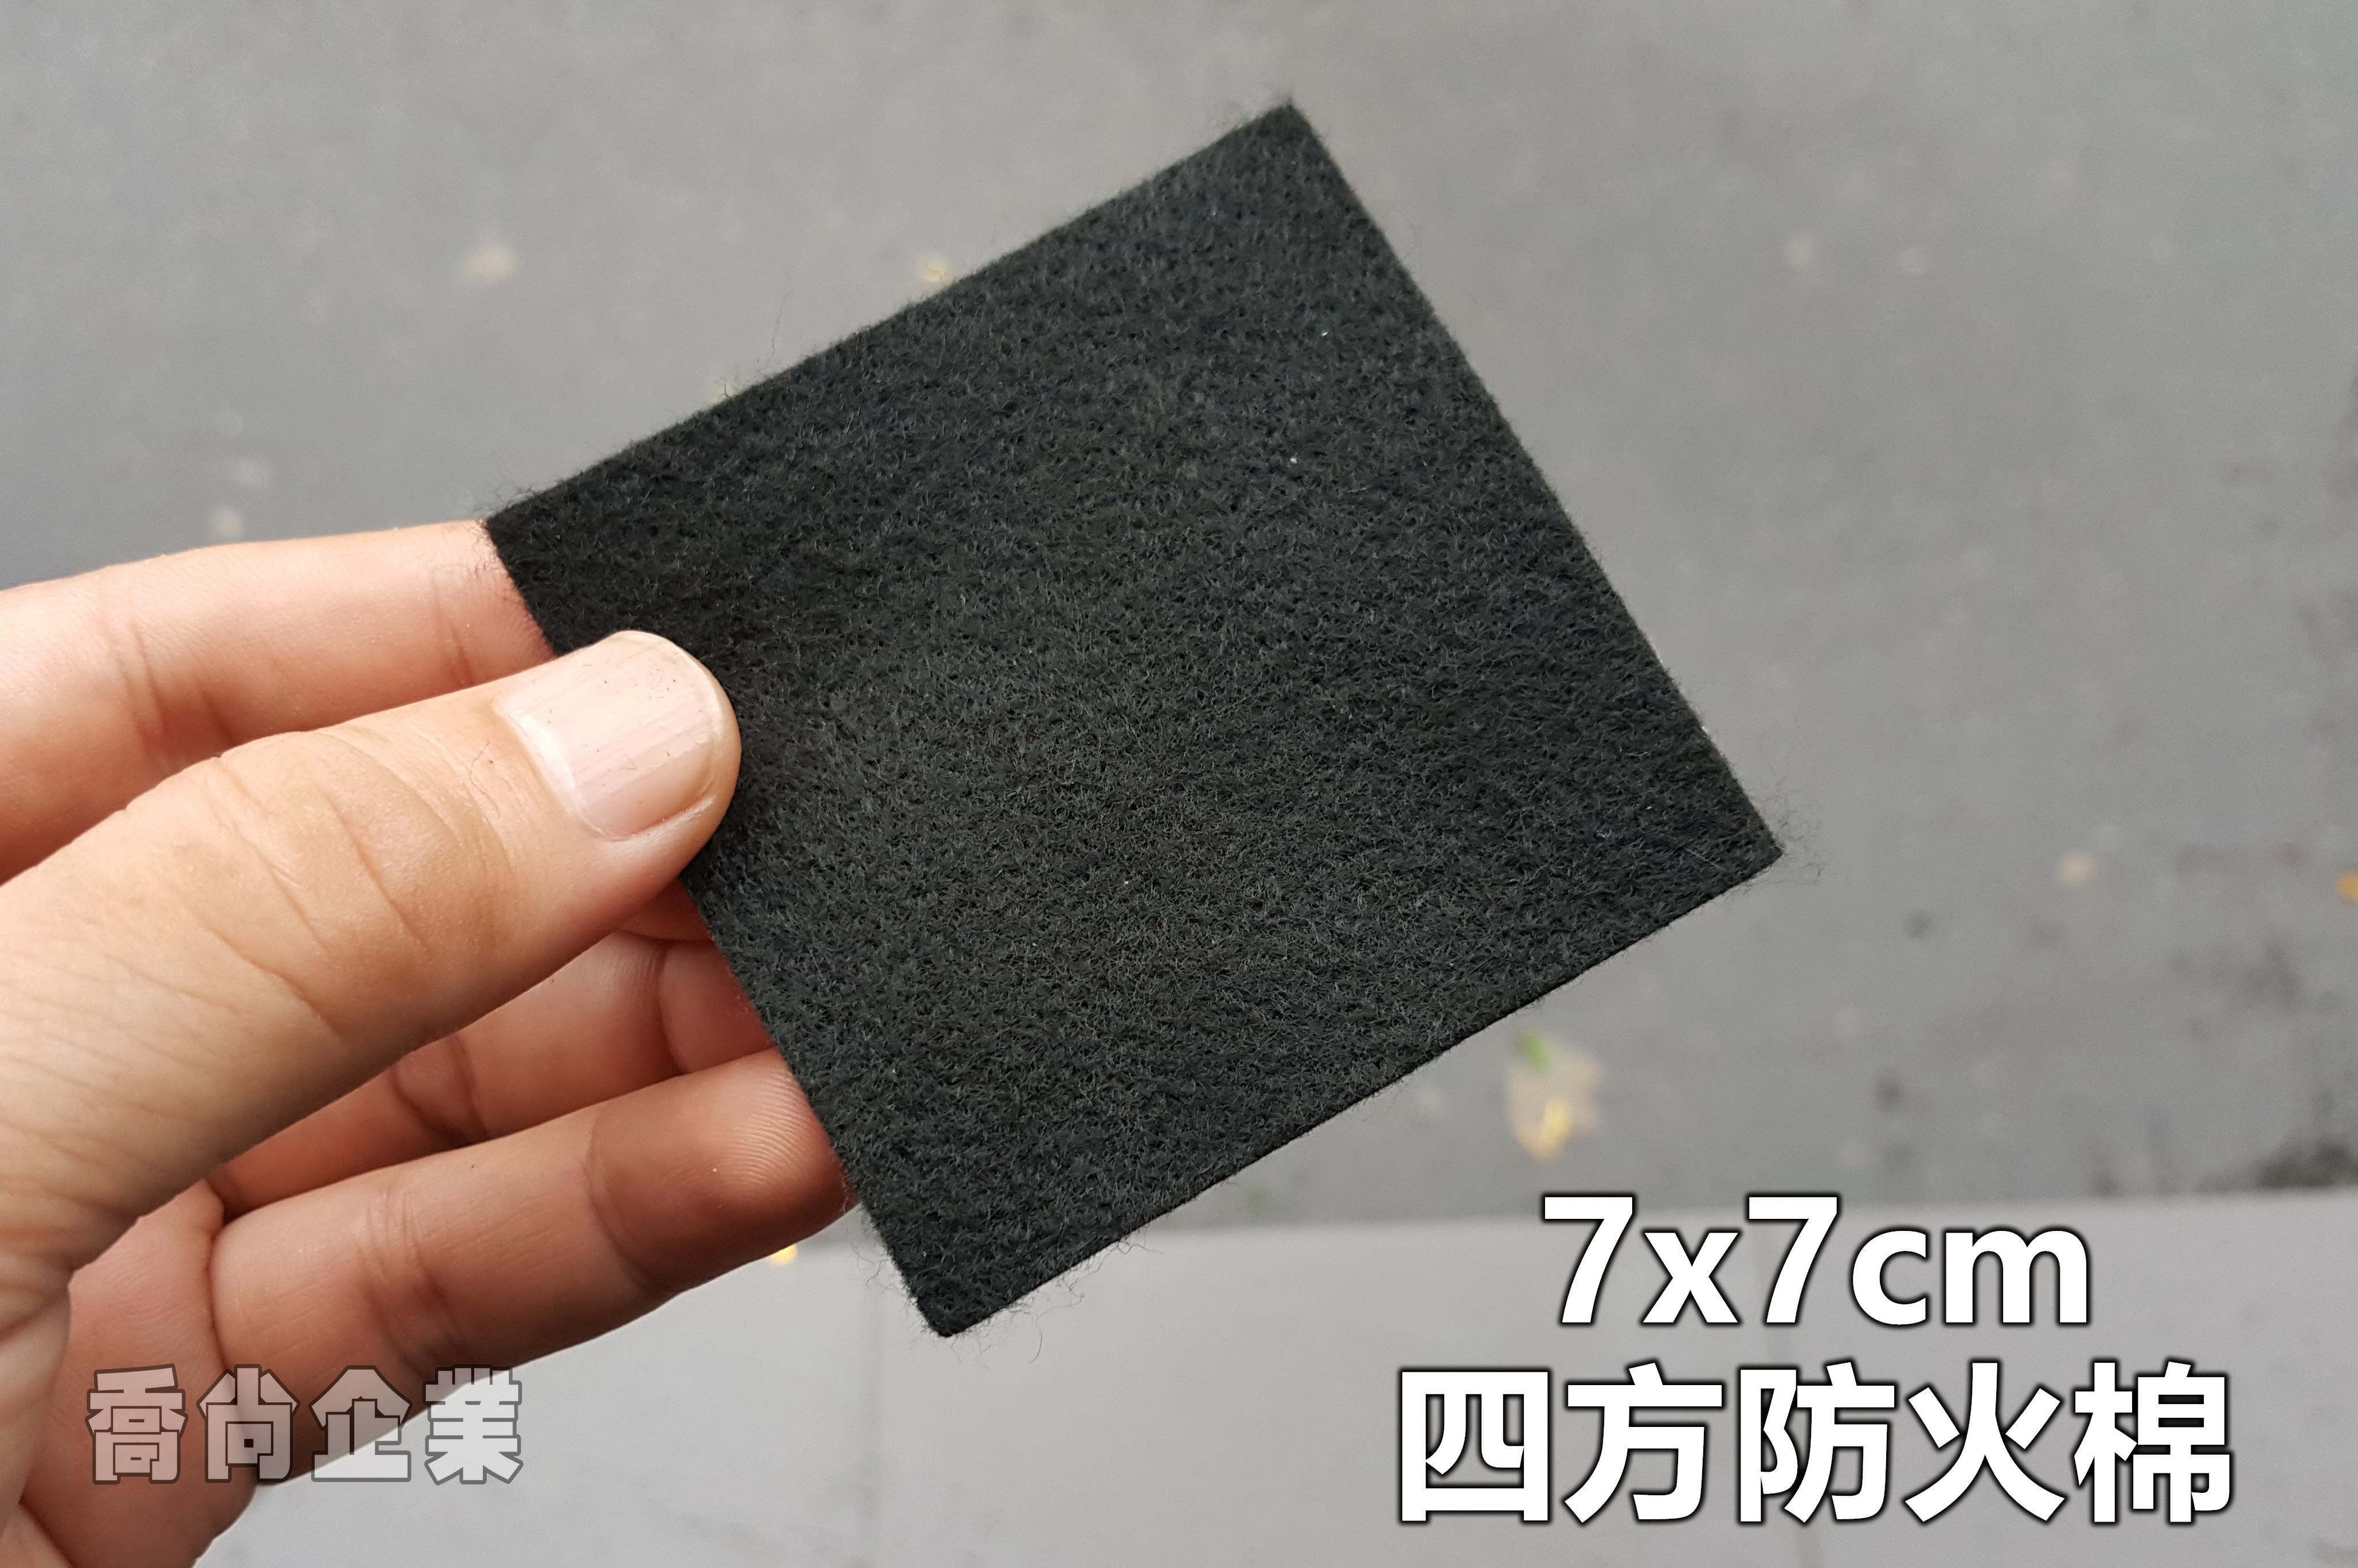 【威利購】7x7四方型防火棉 盤香線香防火棉墊 香品平放不會熄滅